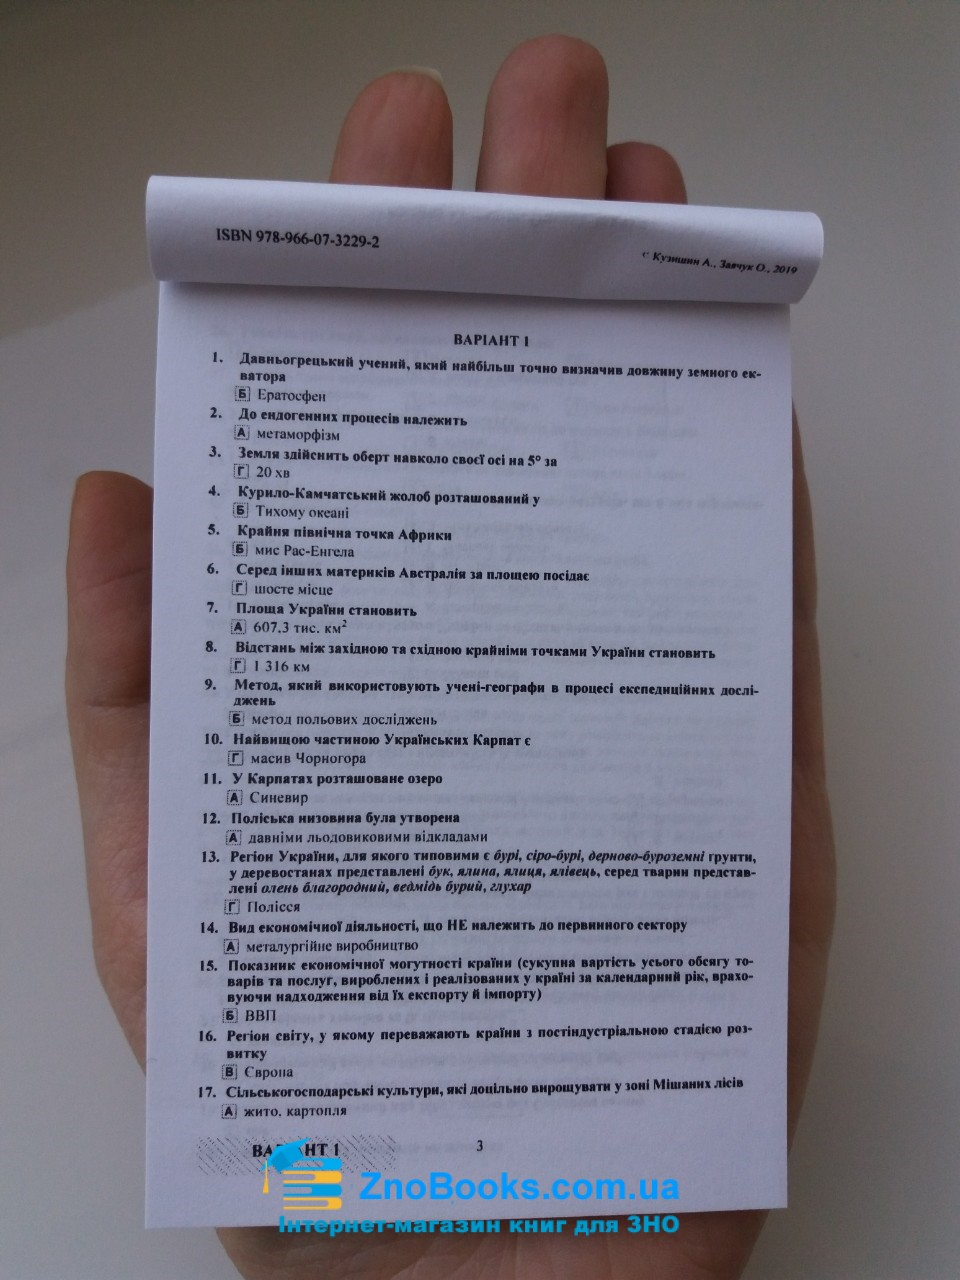 ШПАРГАЛКА. Відповіді для ДПА 2020 з географії 9 клас : Кузишин А. Підручники і посібники. Купити 1